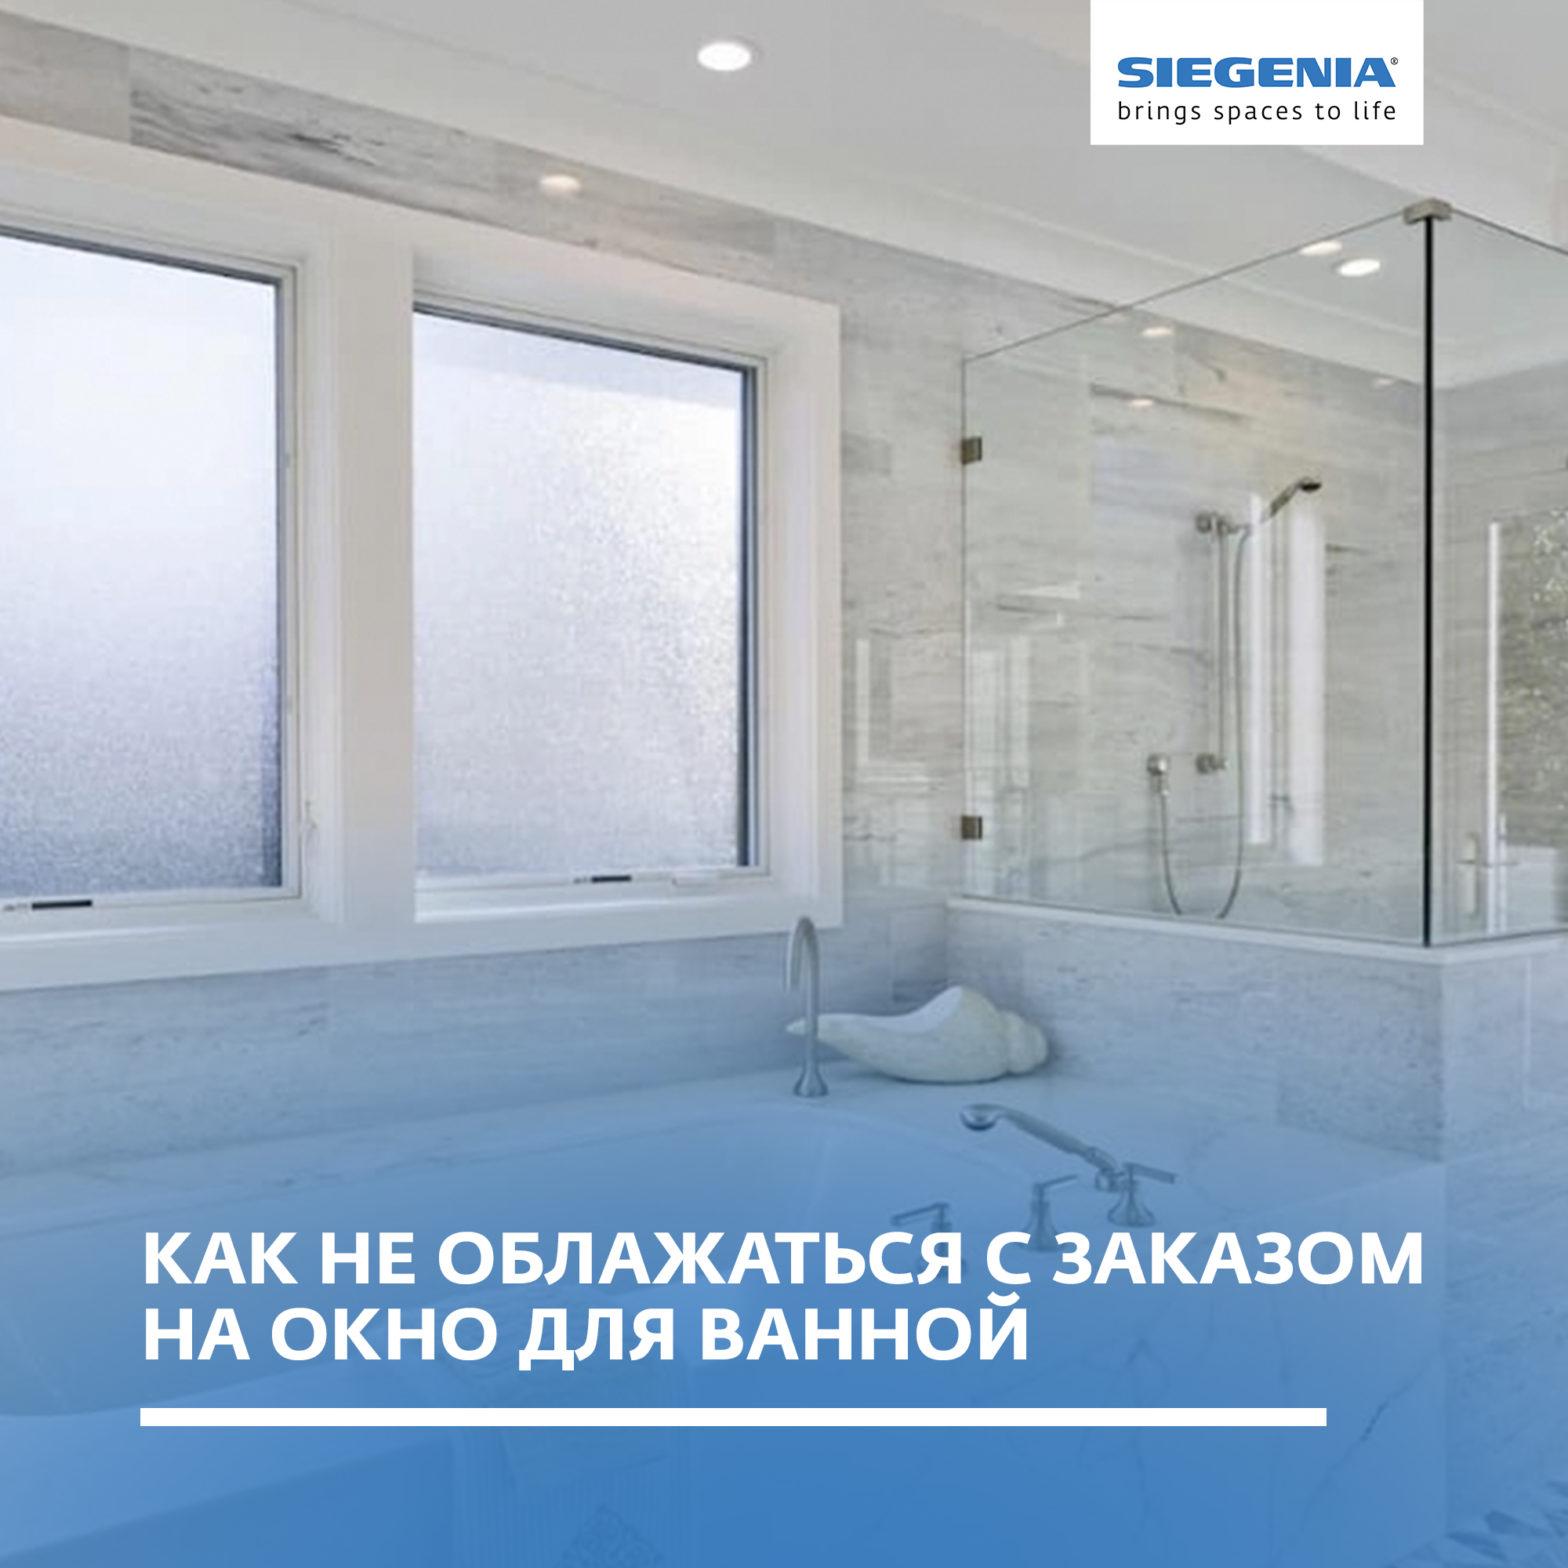 Остекление ванной красивыми сдвижными окнами